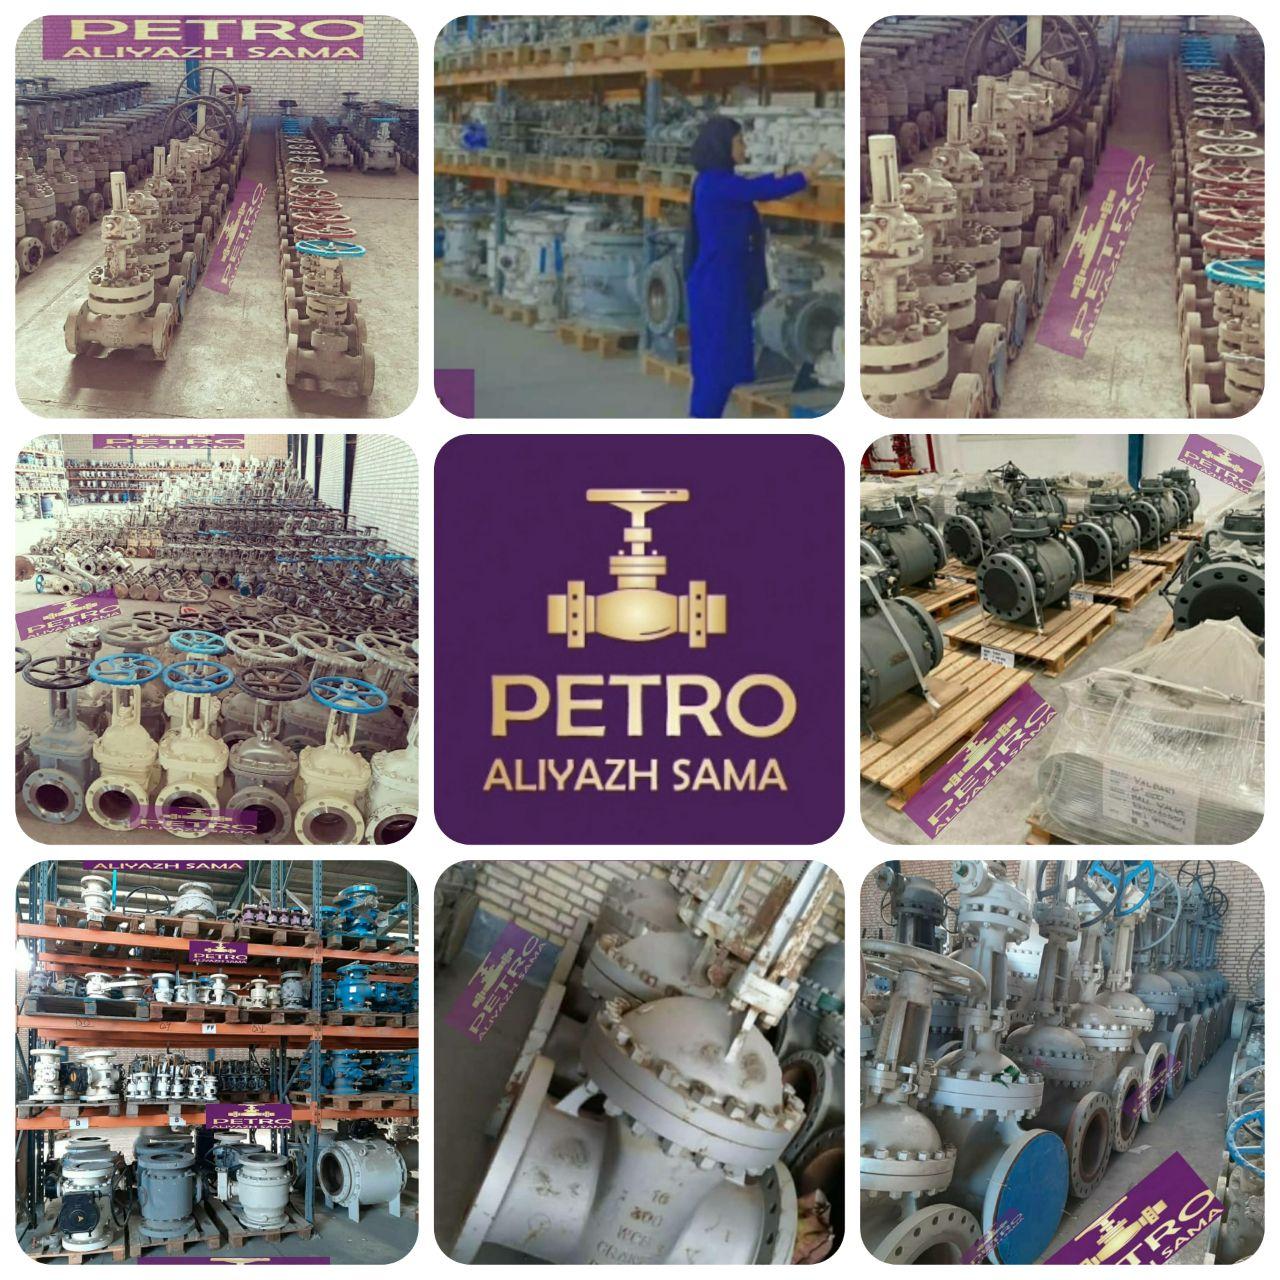 فروشگاه پترو -الیاژ سما / ارائه انواع شیرالات صنعتی